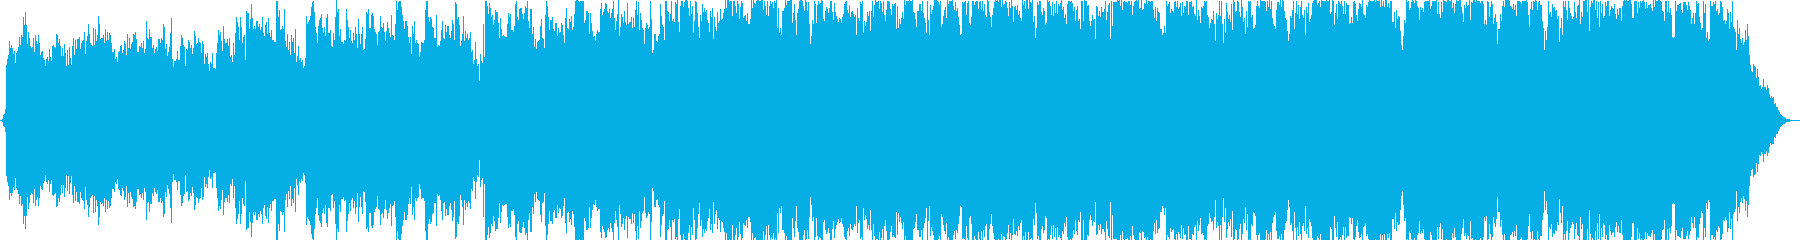 波音と笛のヒーリングミュージックの再生済みの波形